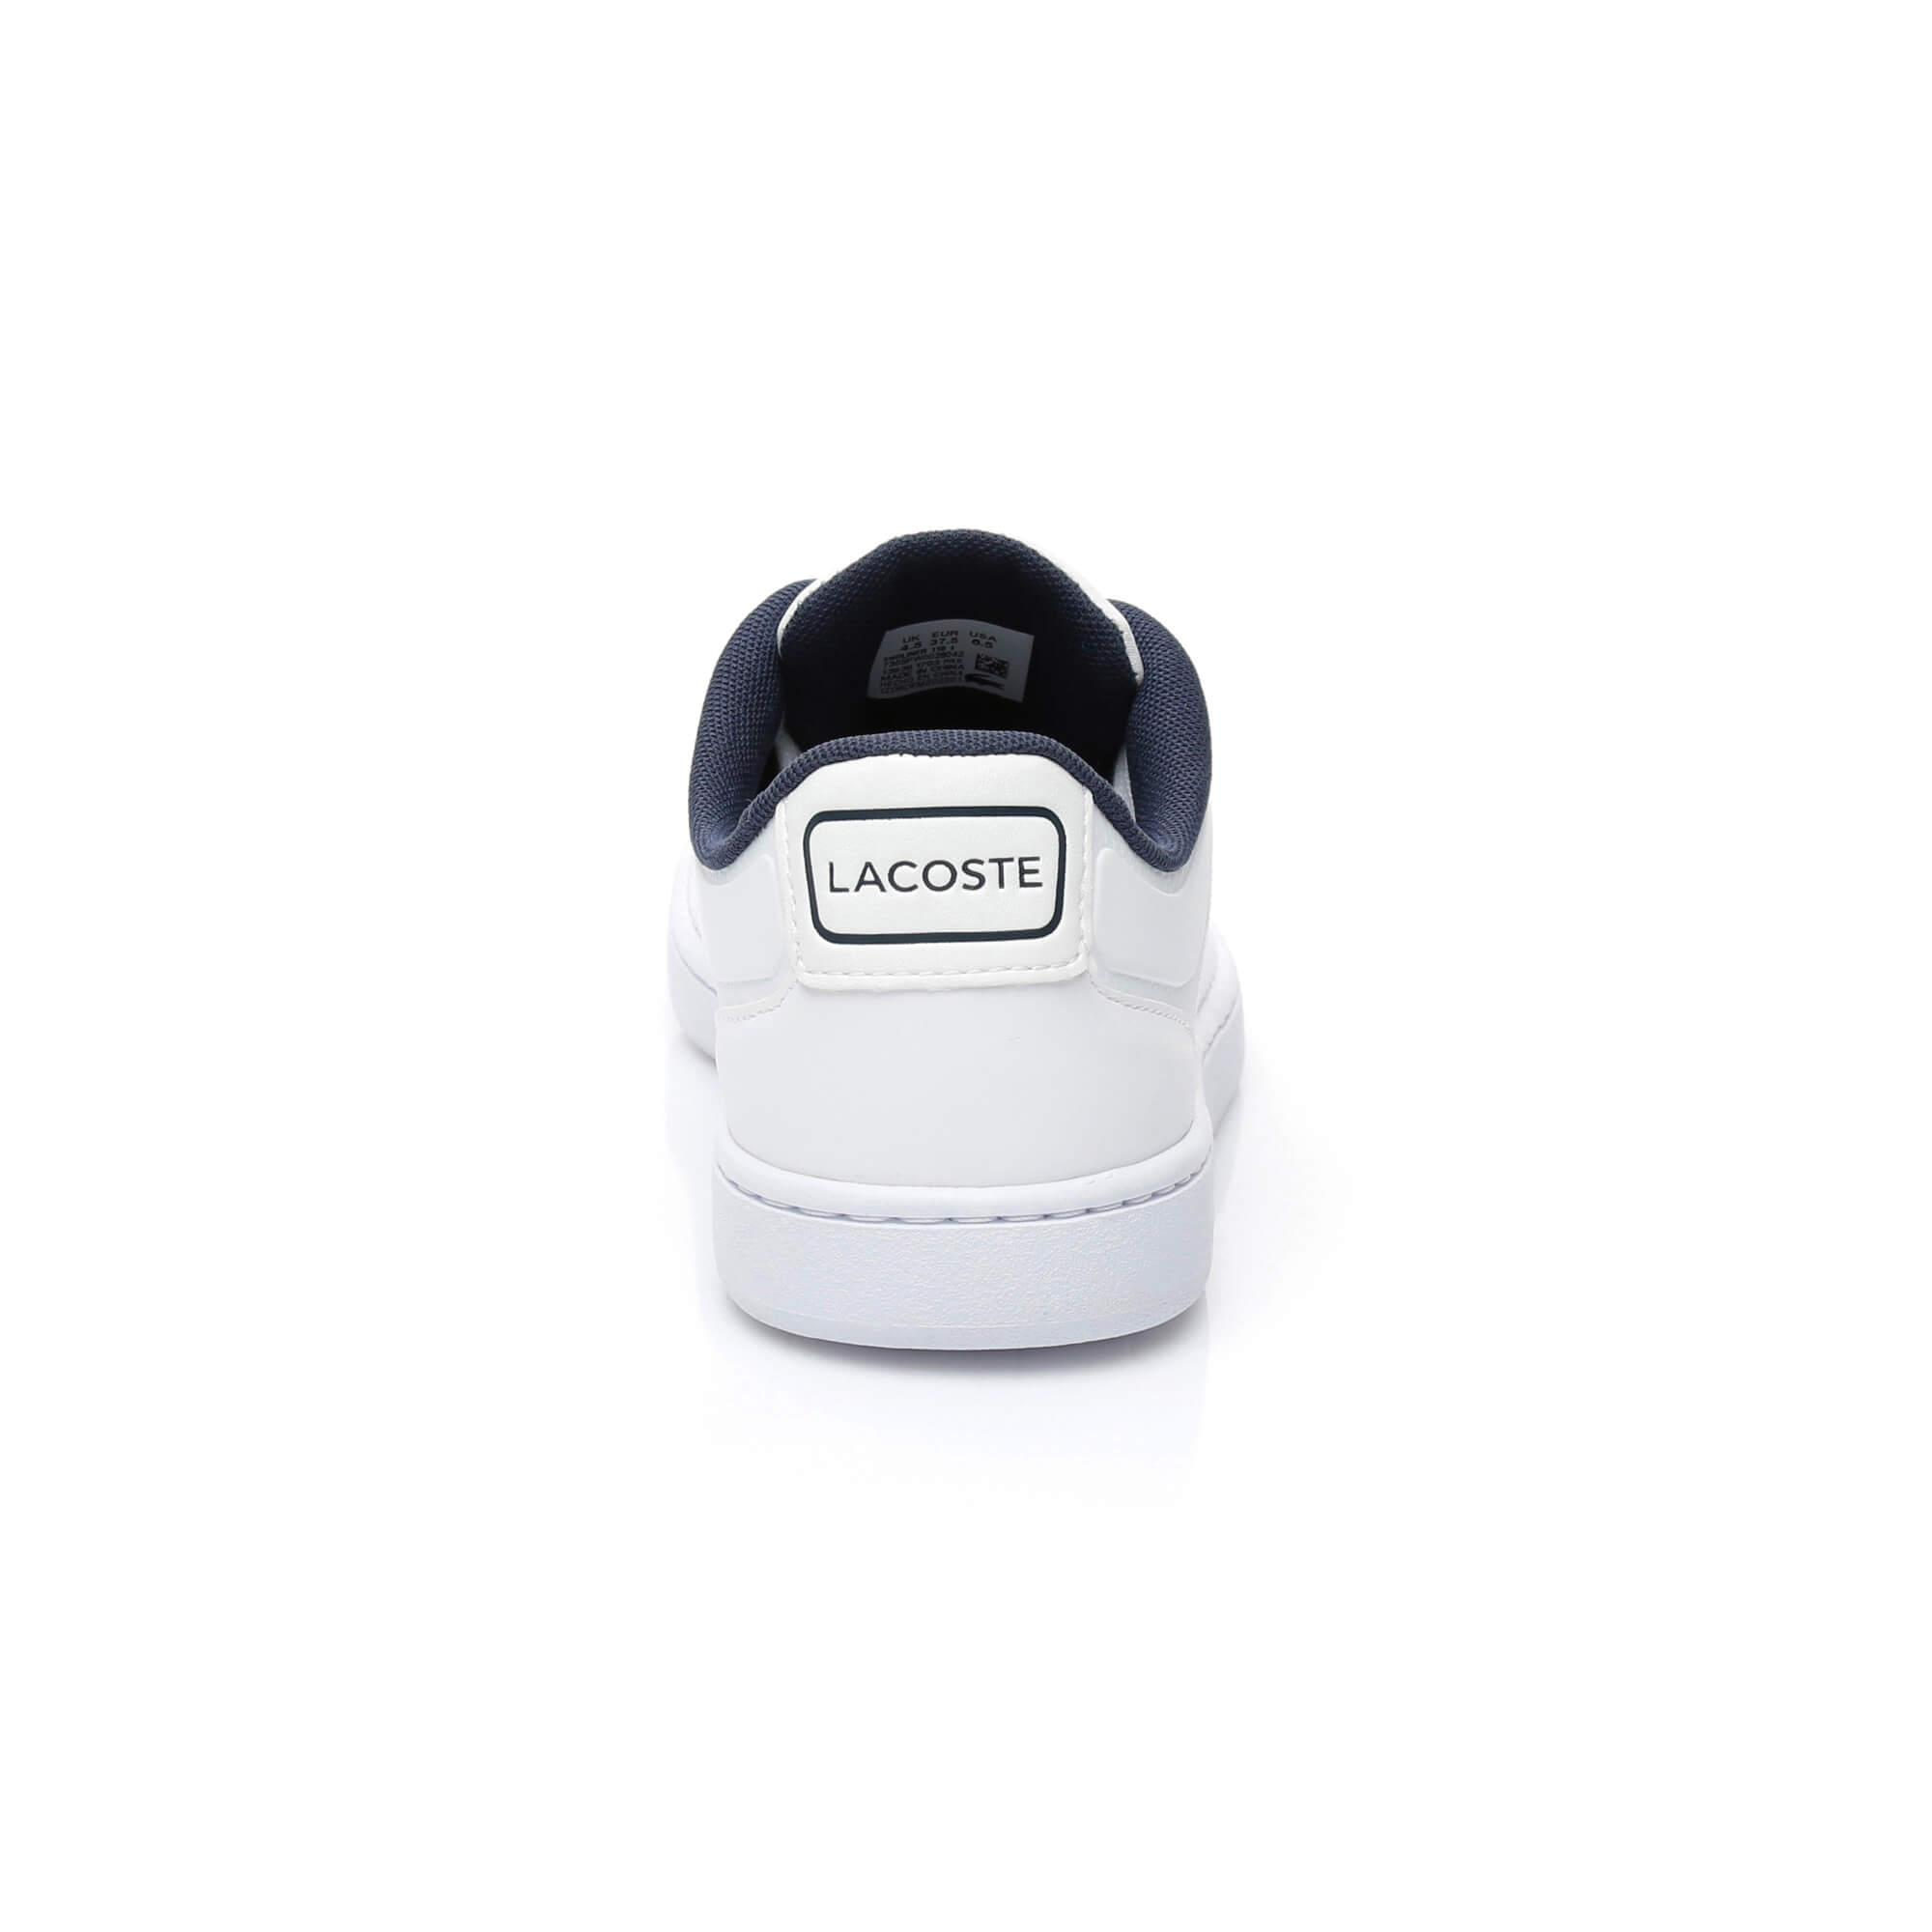 Lacoste Endliner Kadın Sneaker